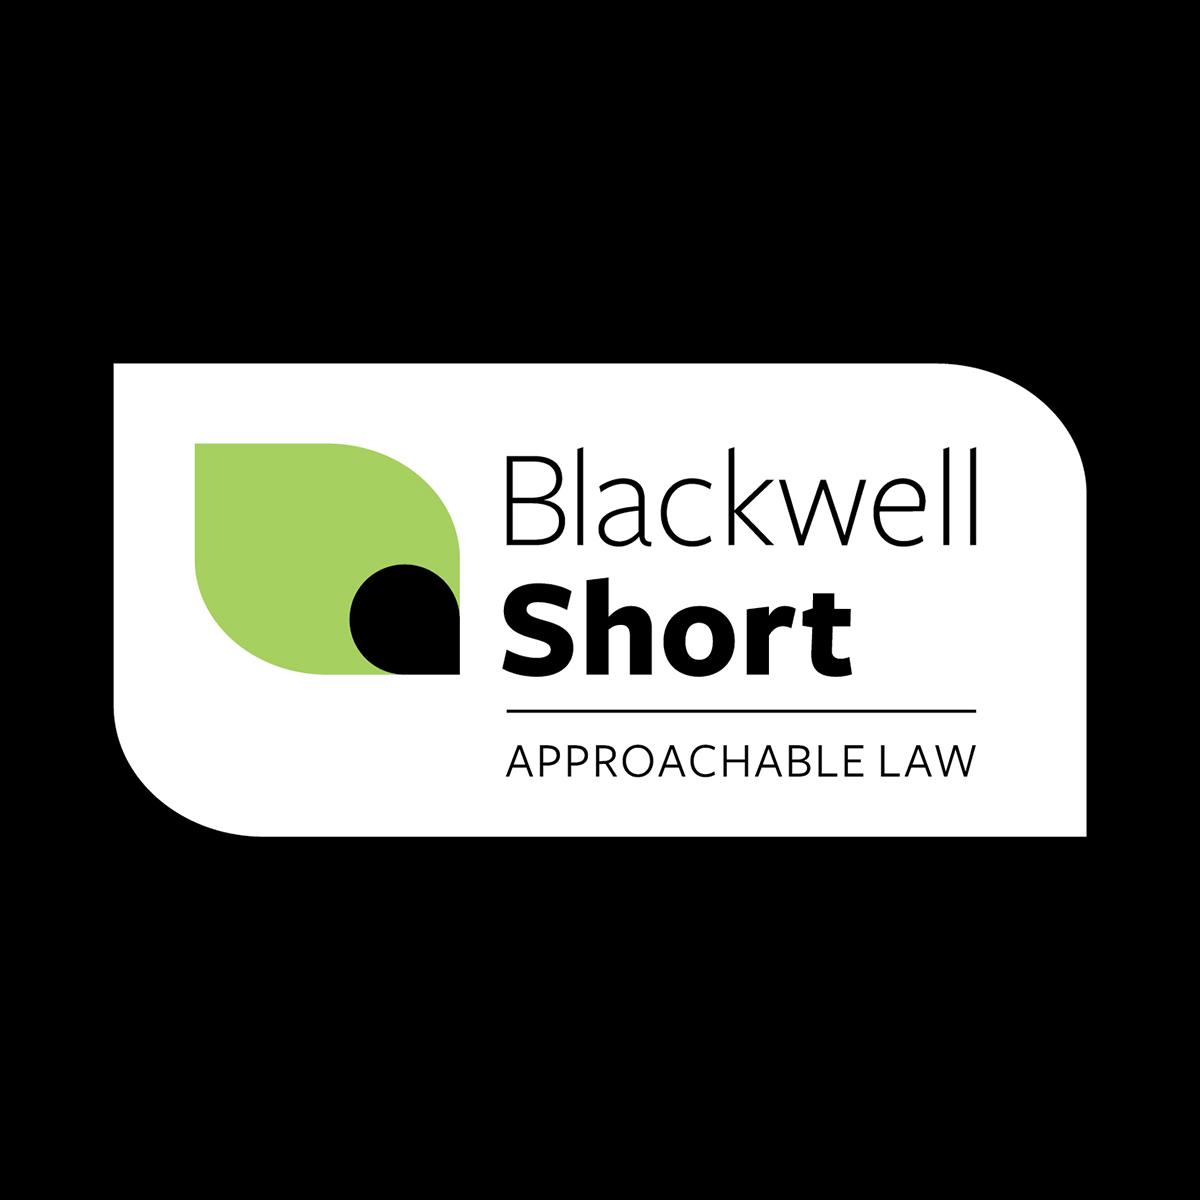 Blackwell-Short-Lawyers-branding-logo-design-black.jpg